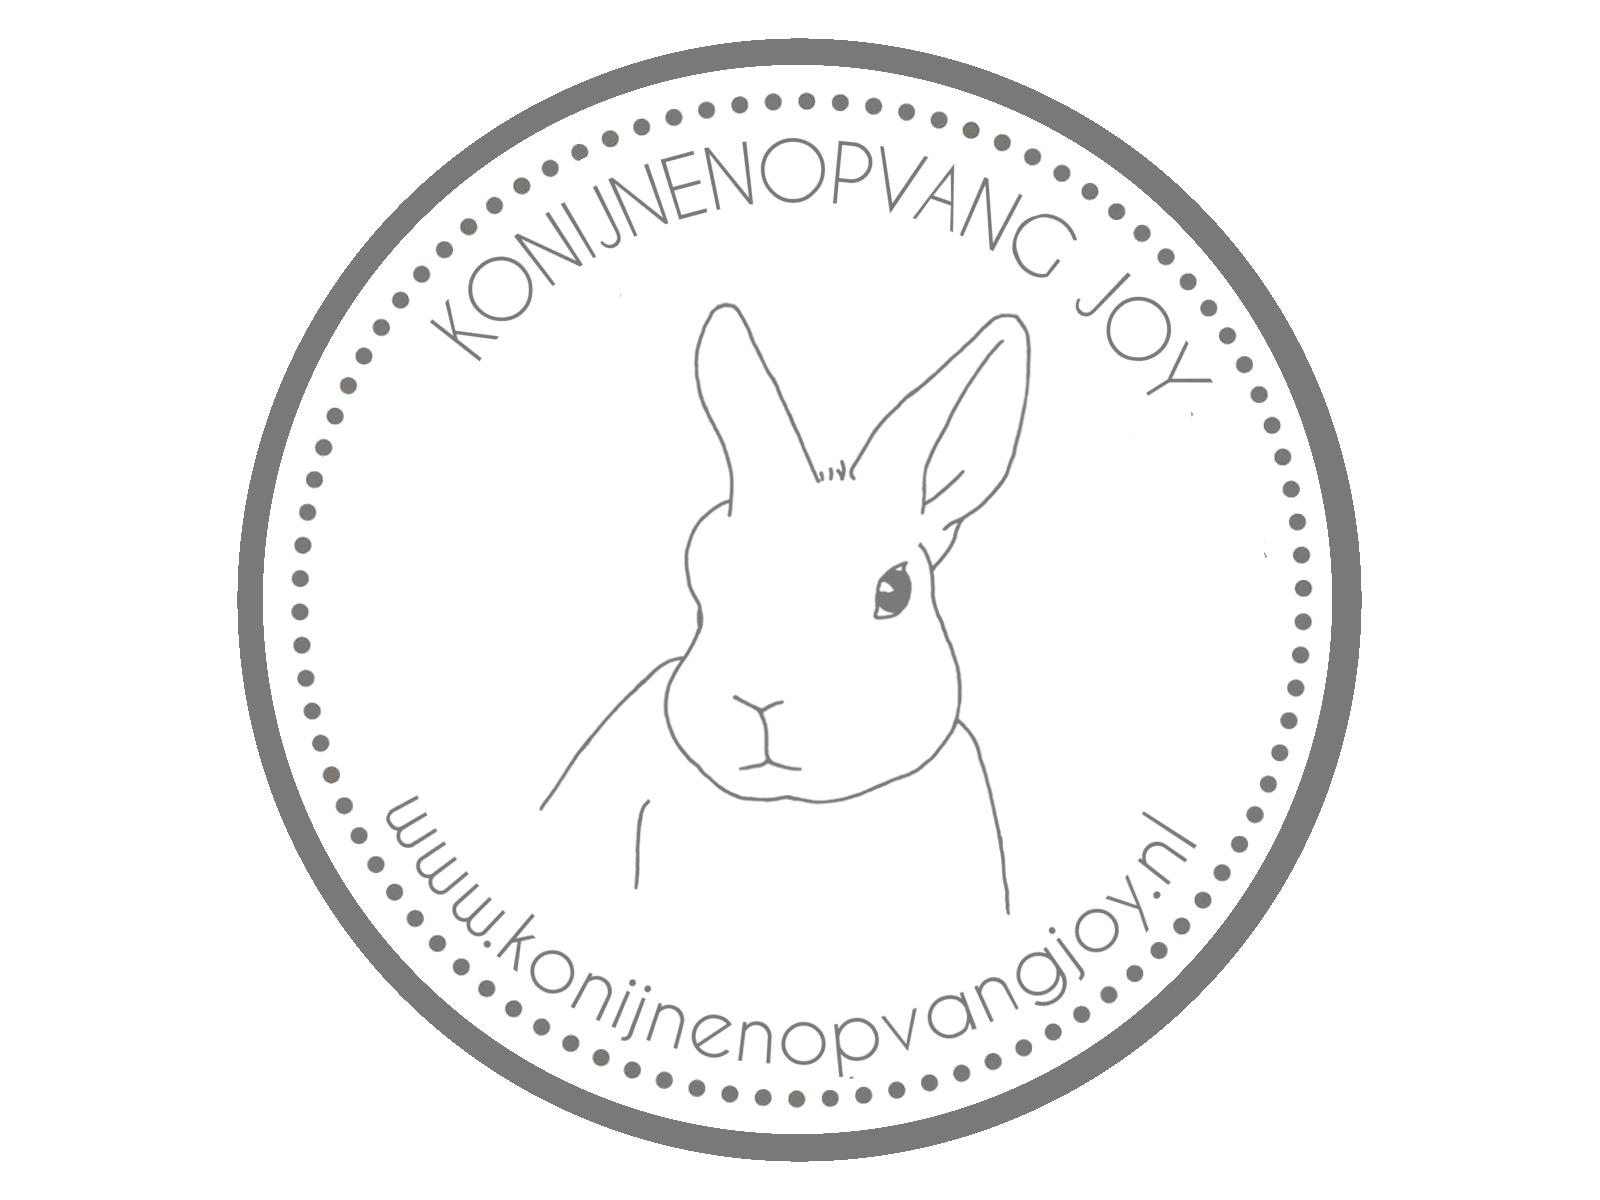 logo-Stichting Konijnenopvang Joy